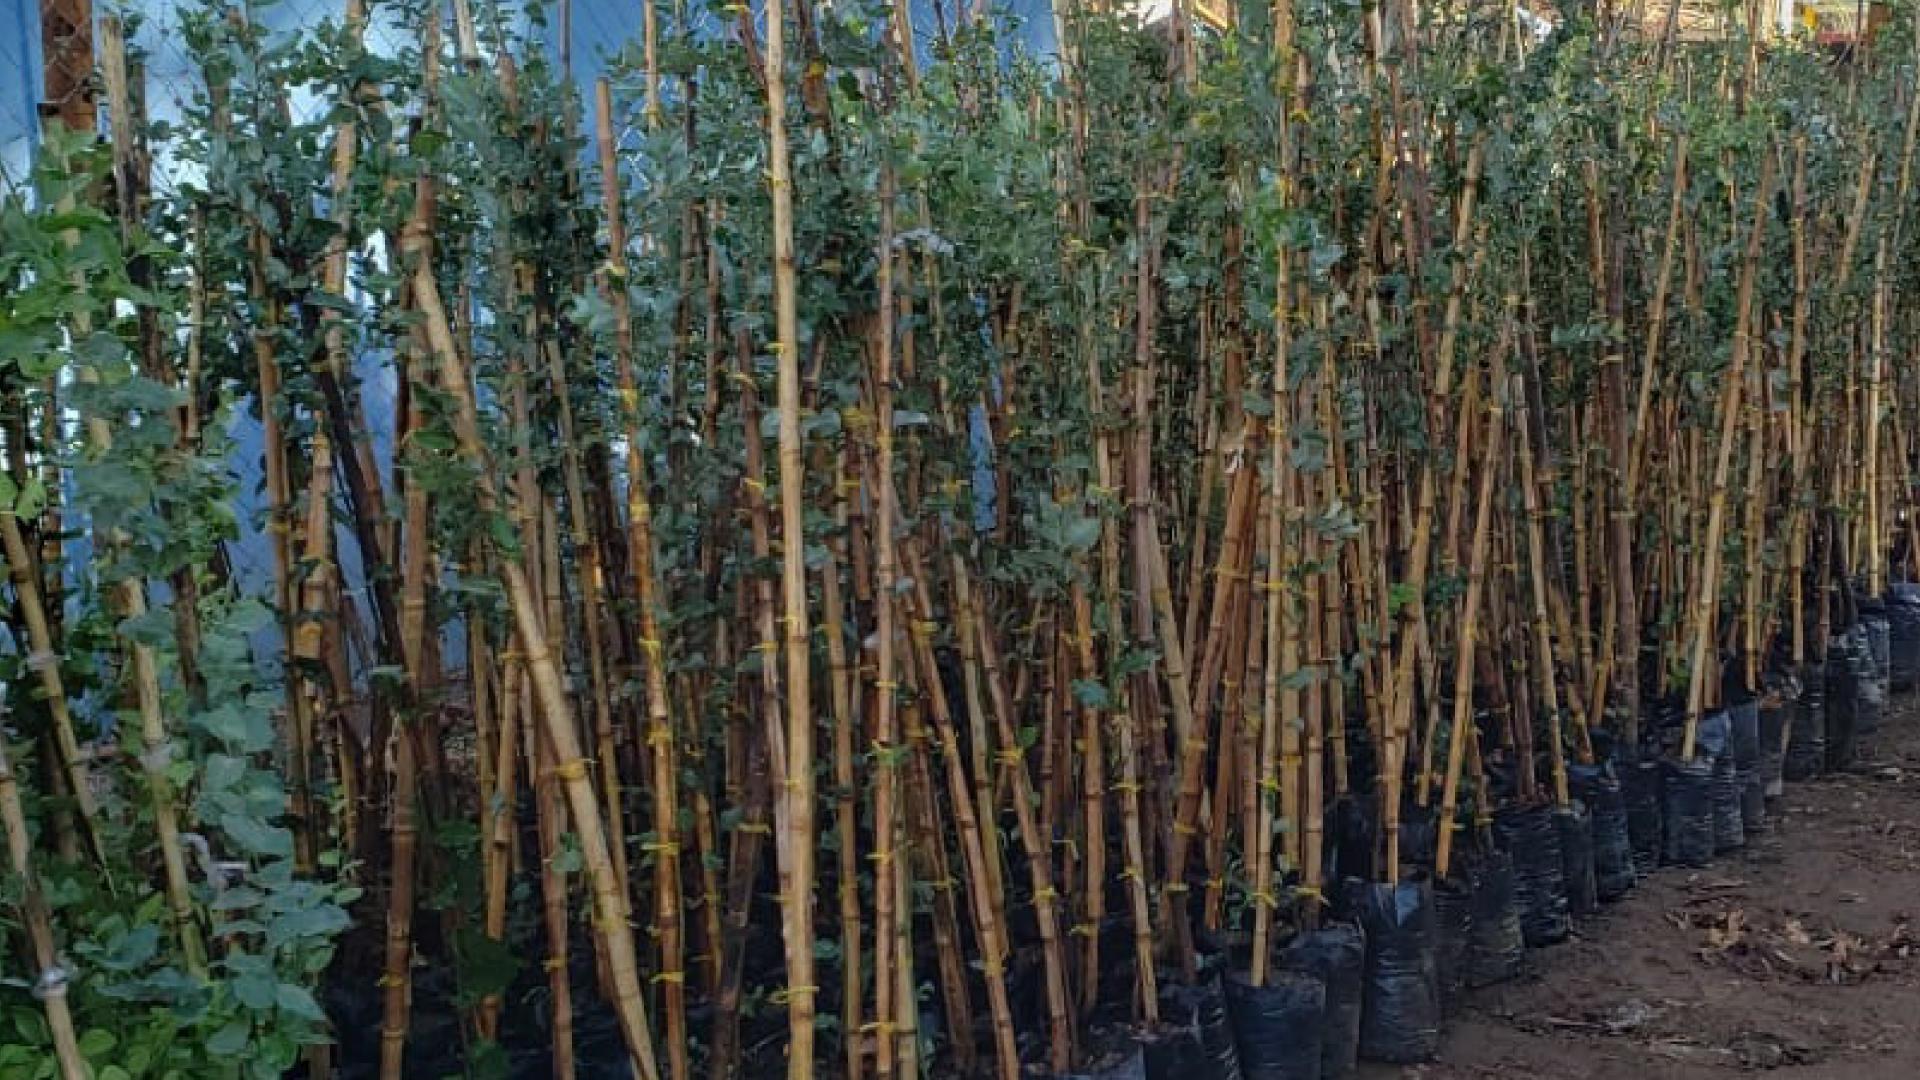 Convenio entre ISA Interchile e INIA permitirá la reforestación de más de 100 mil especies  a partir de 2022